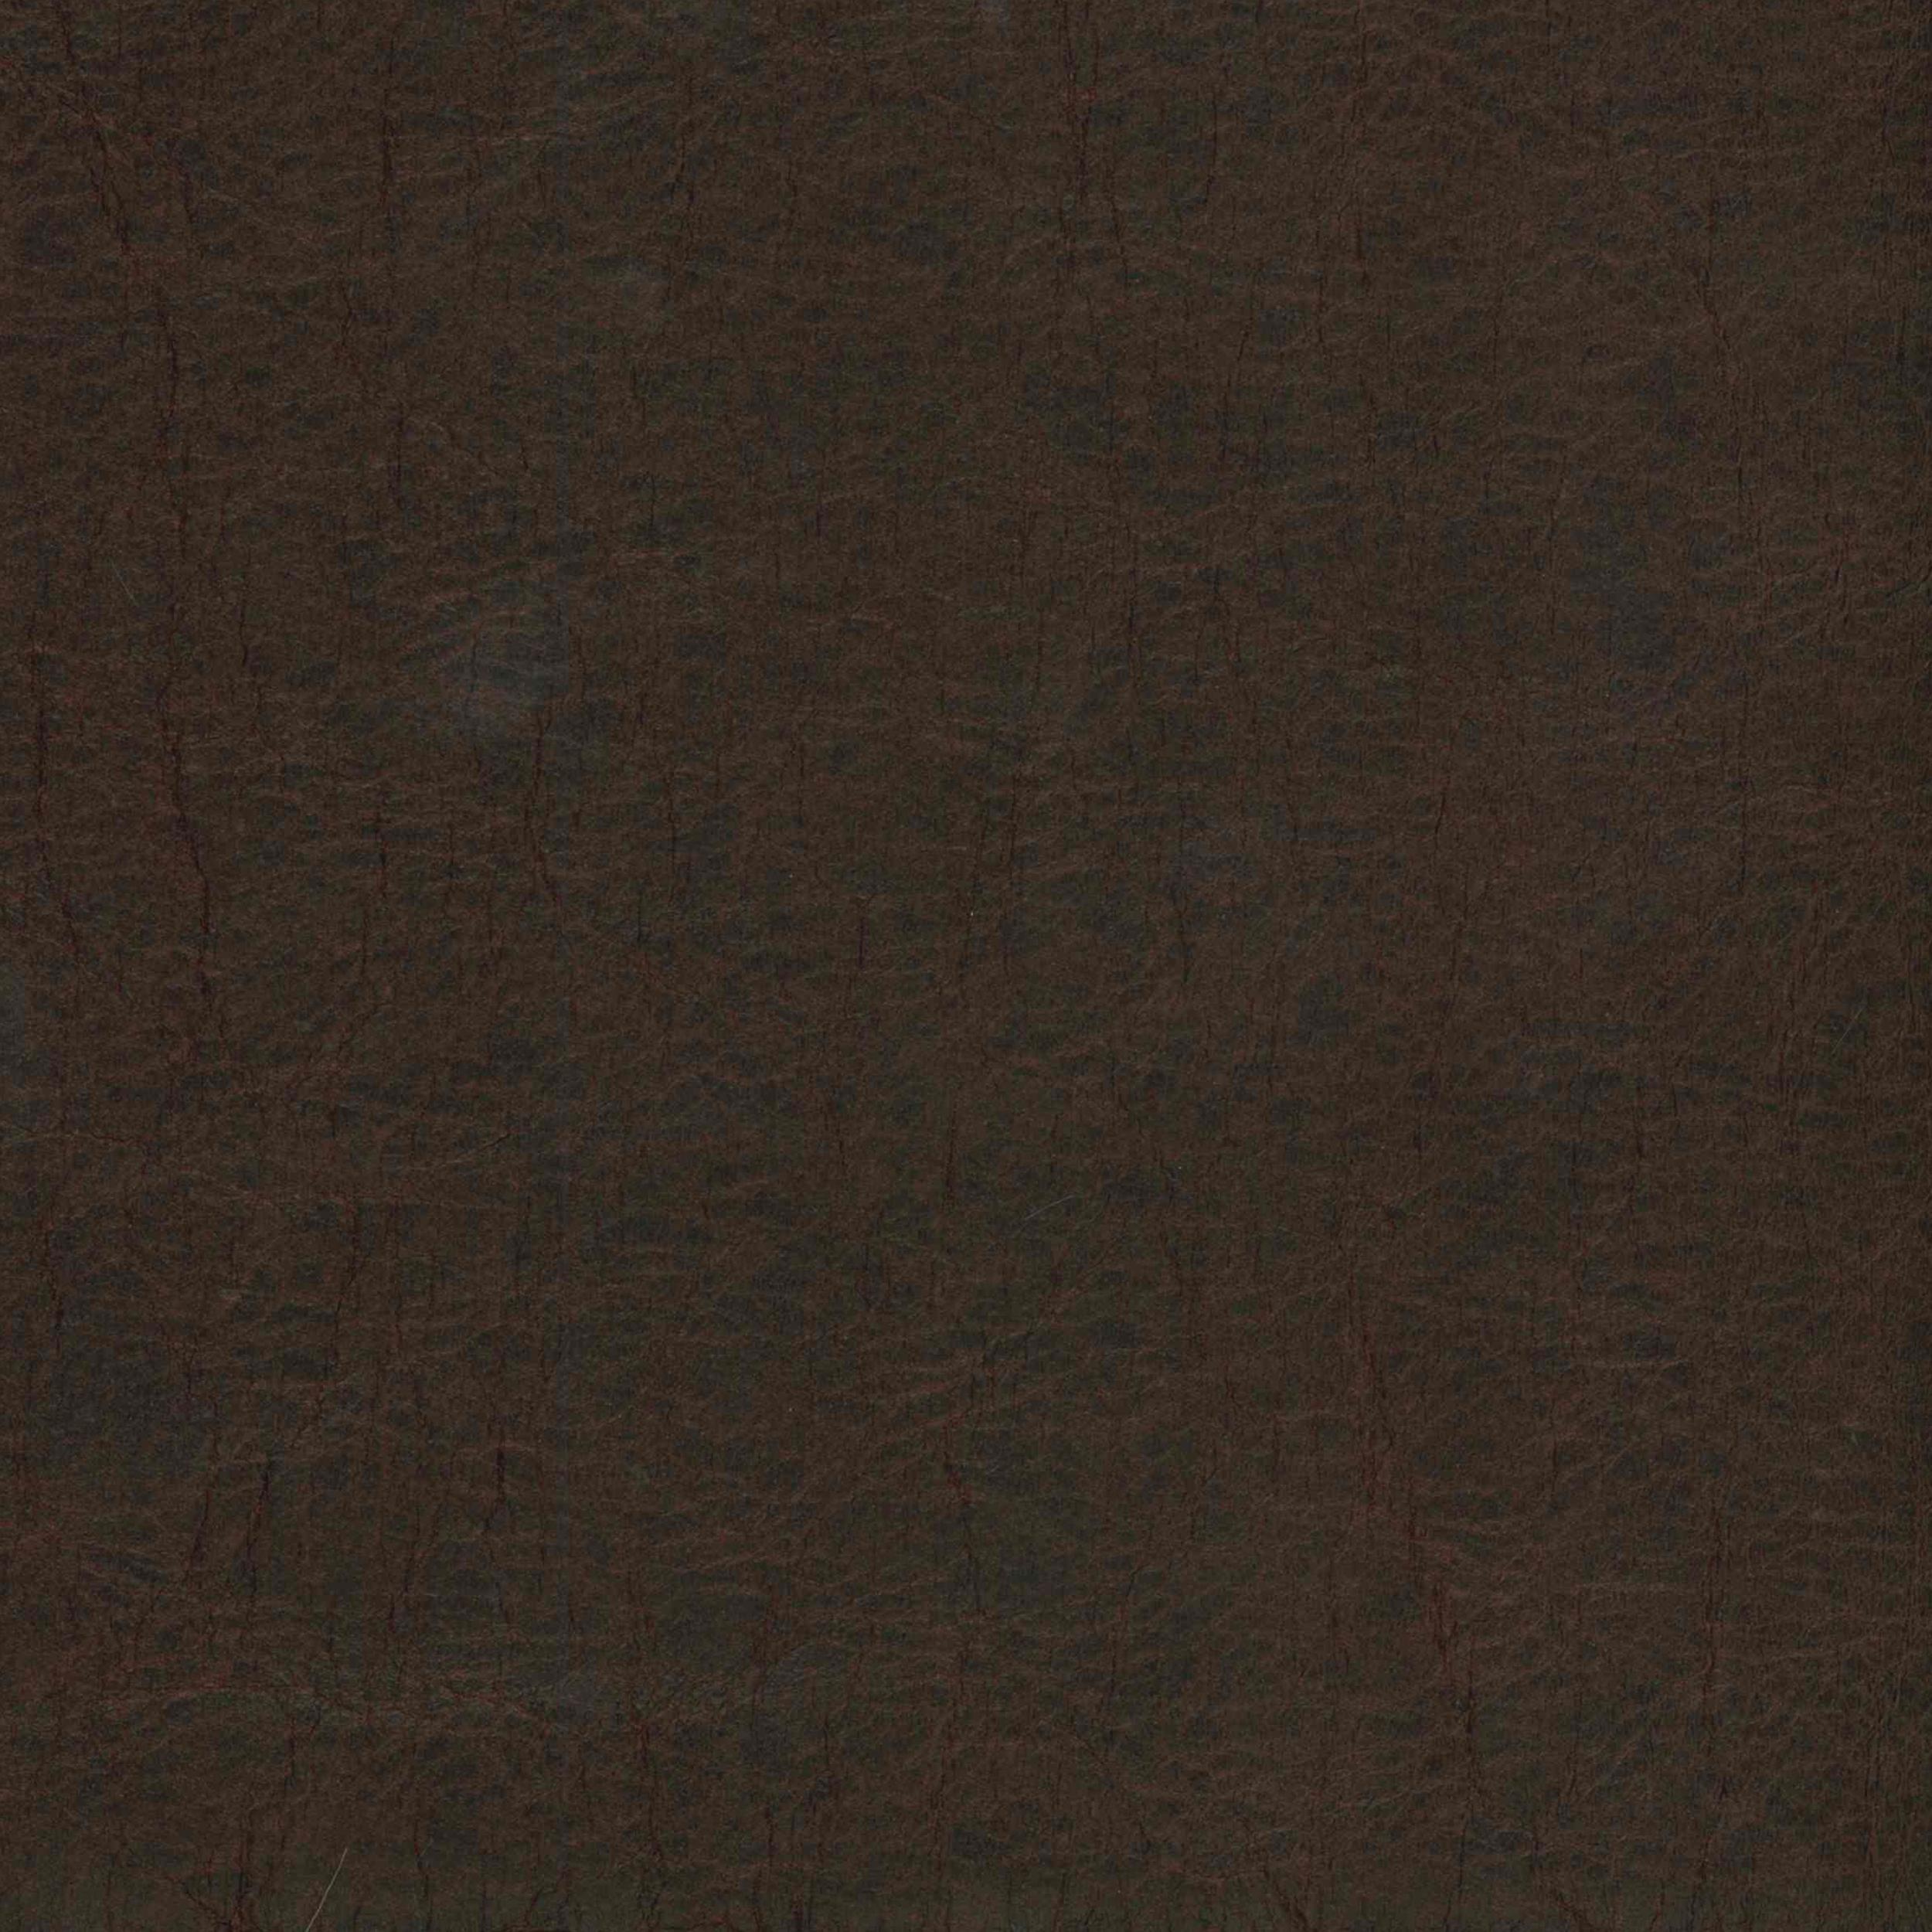 Chaparro Faux Leather